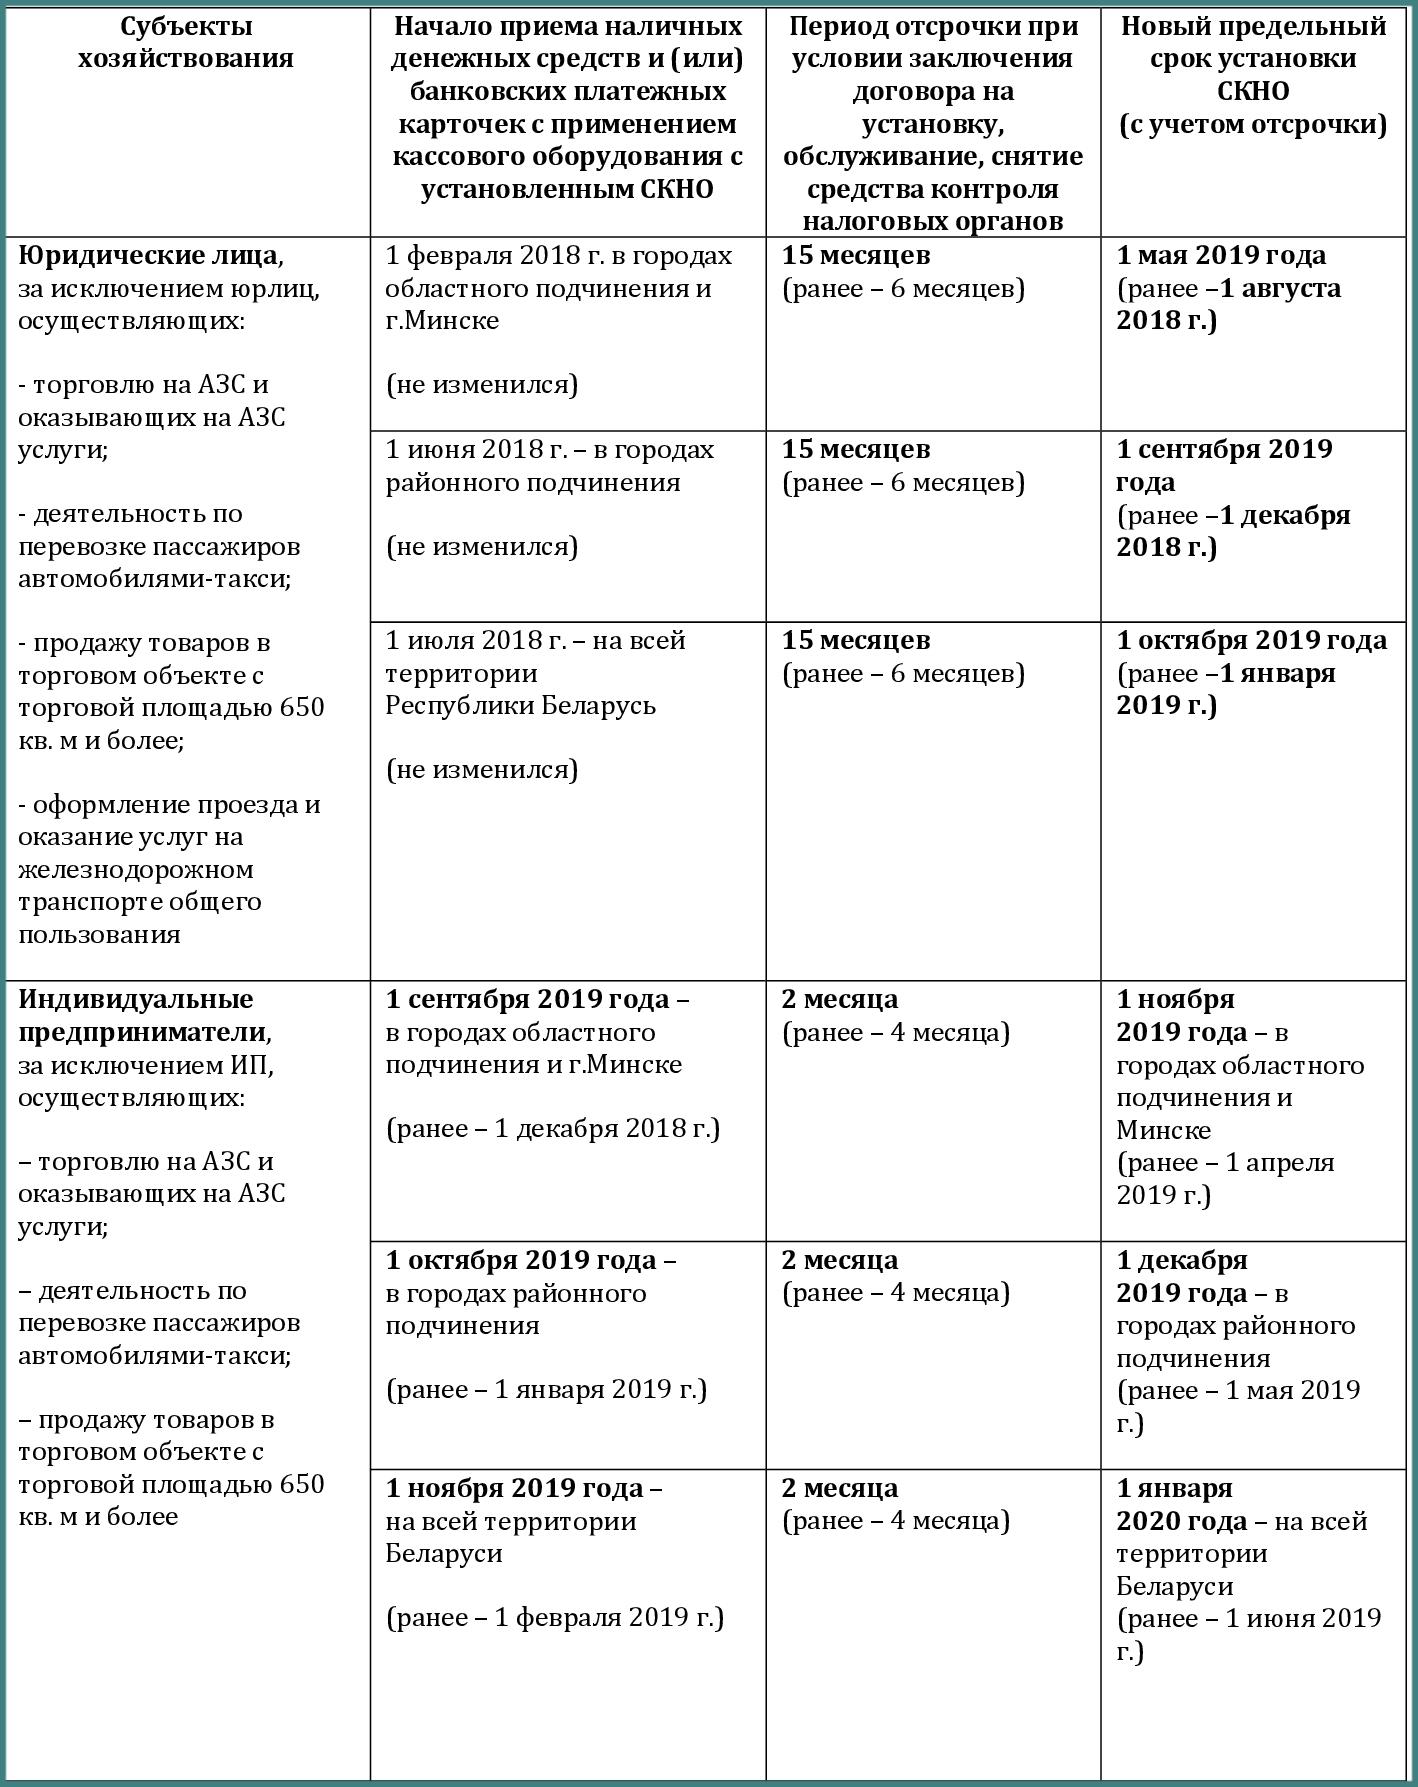 Сроки установления СКНО изменены